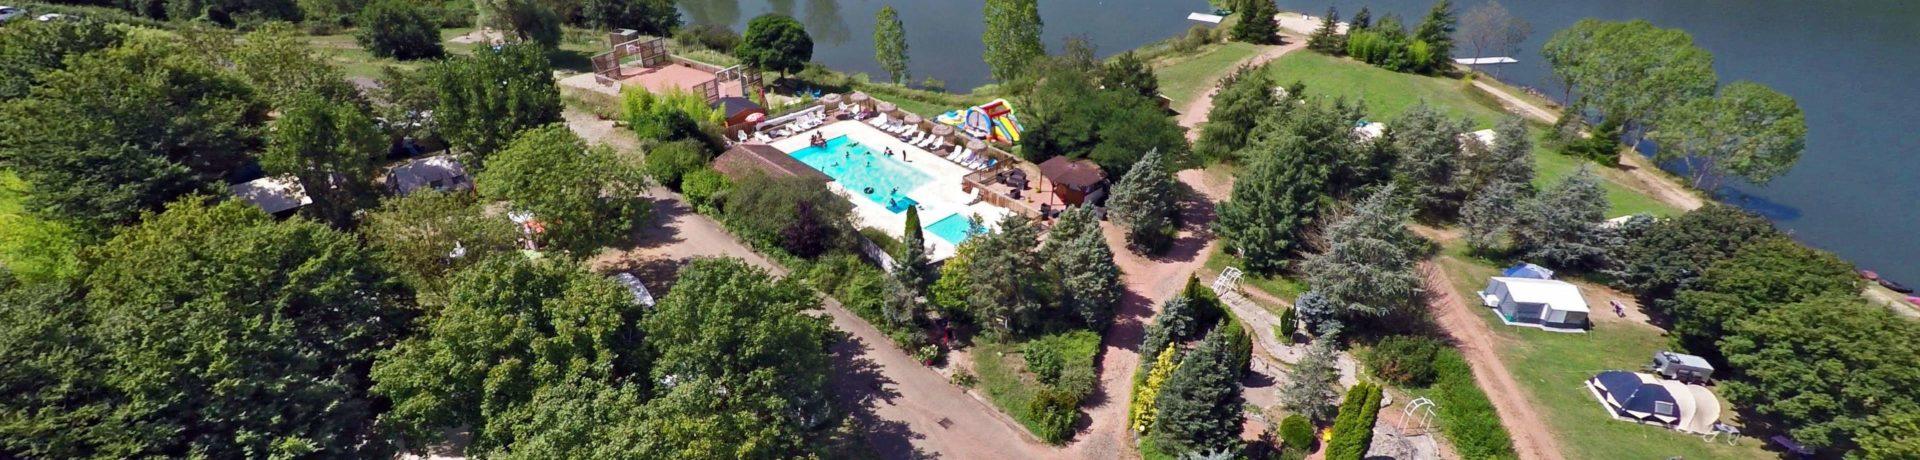 De 3 sterren camping d'Arpheuilles in de Loire-Vallei beschikt over een buitenzwembad en eigen zandstrandje aan de rivier de Loire in de regio Rhône Alpes.